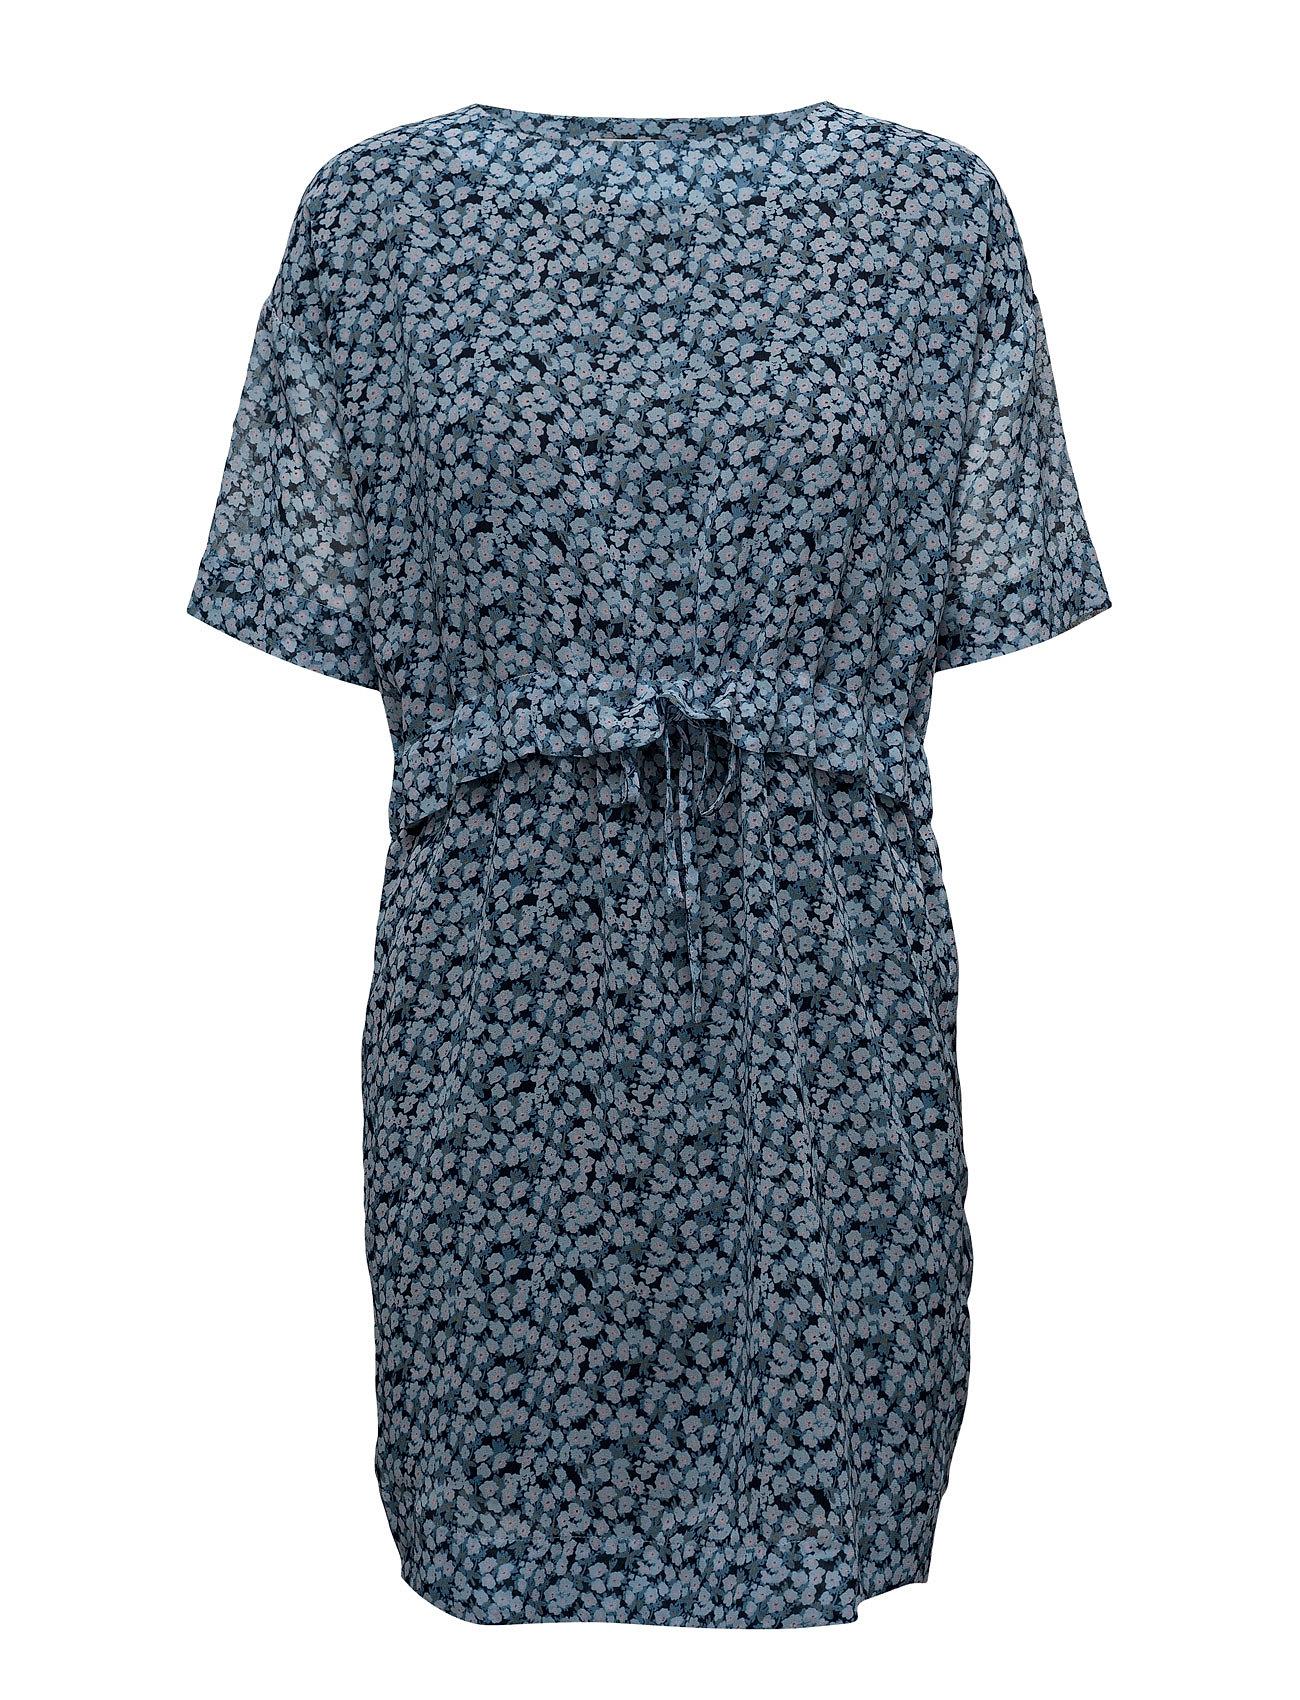 570dca85d786 Silas Print T-Shirt Dress Modström Korte kjoler til Damer i ...